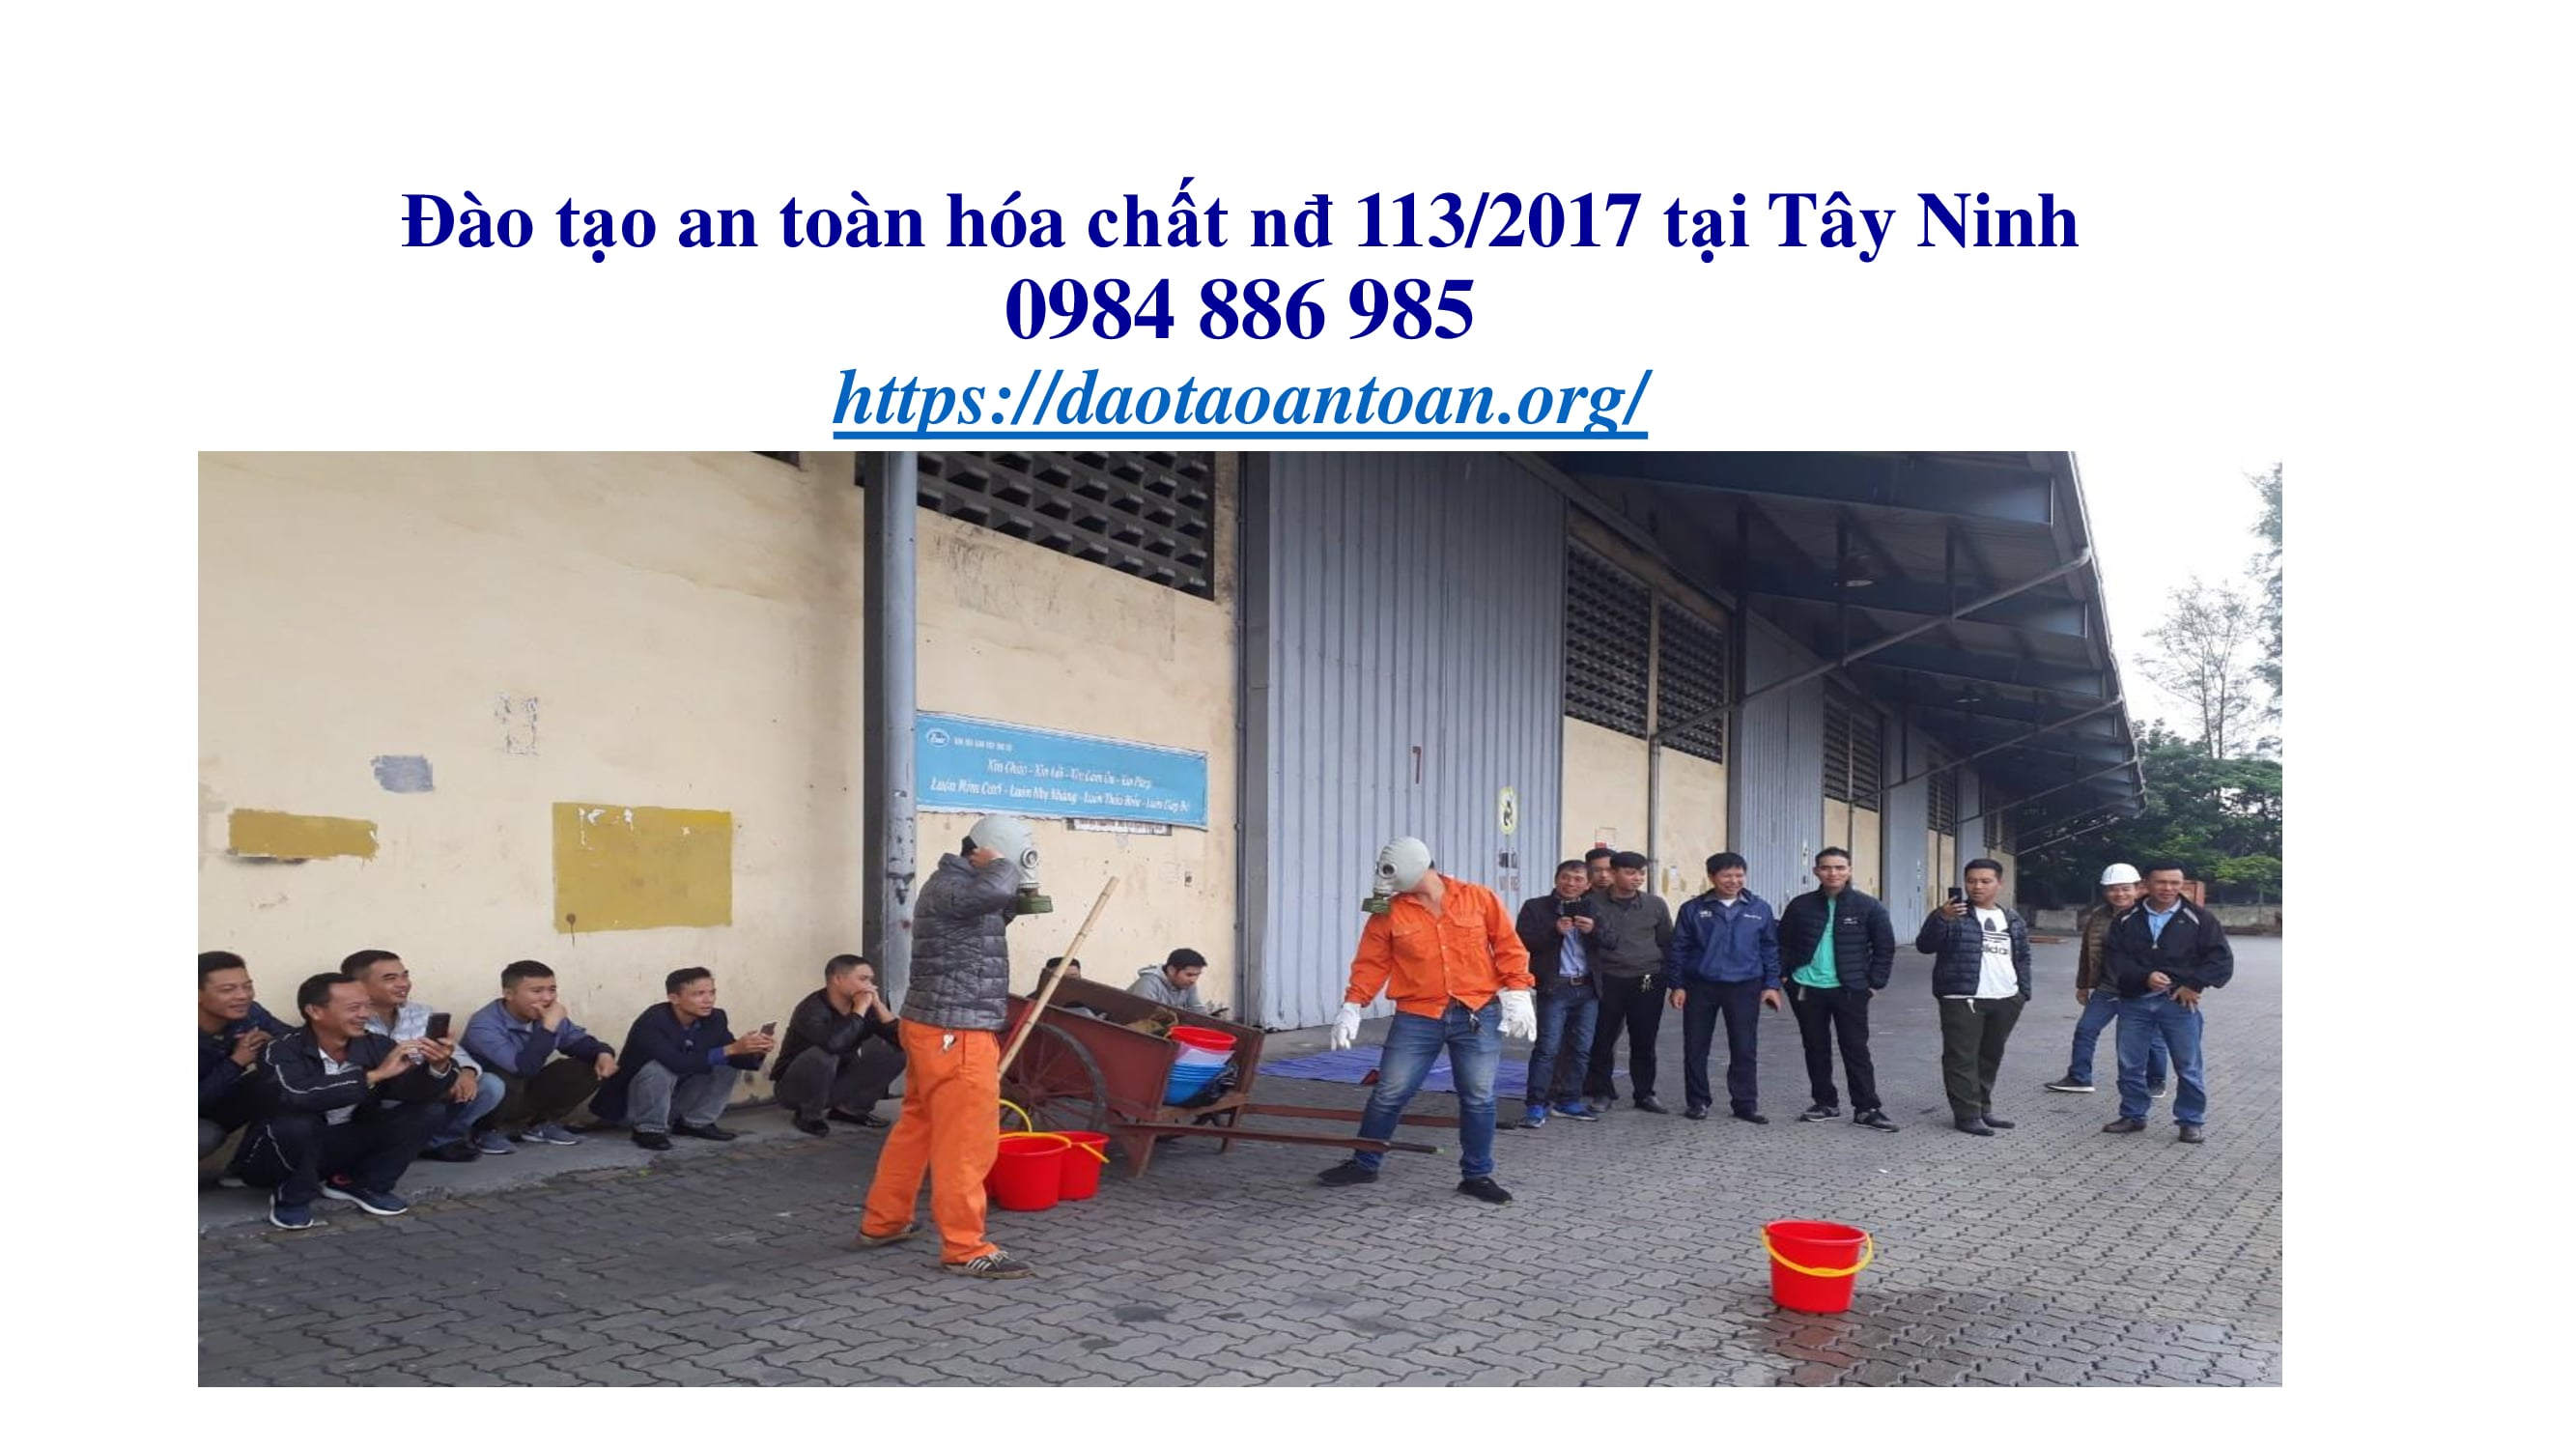 Đào tạo an toàn hóa chất nđ 113